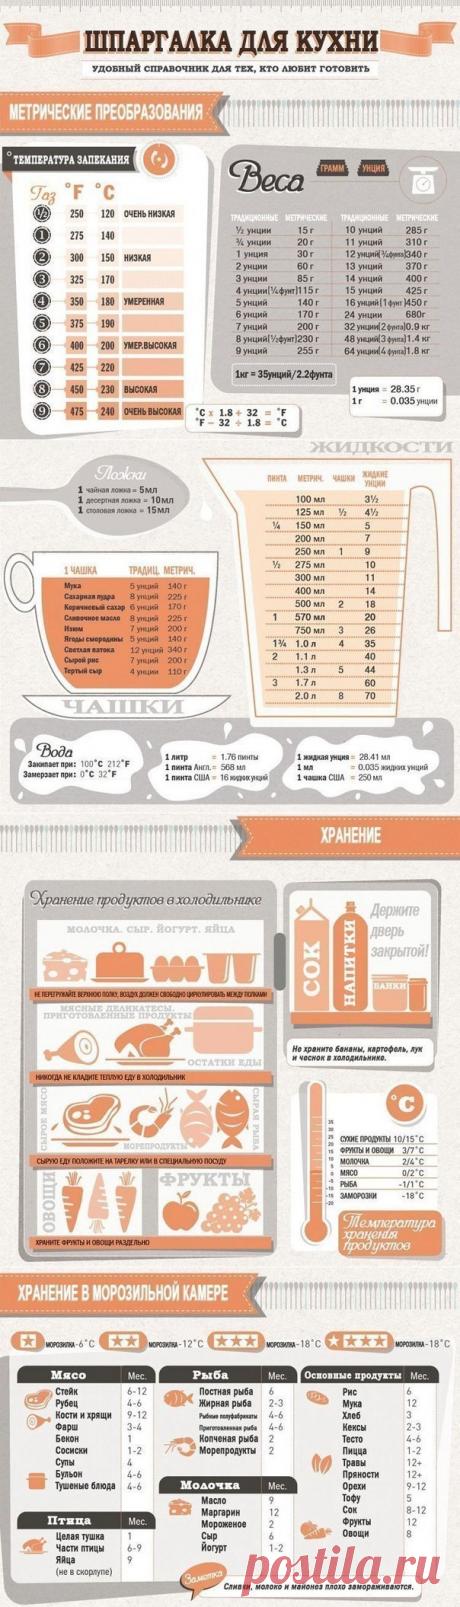 Незаменимая шпаргалка: полезные советы для кухни, собранные в одном месте! — Полезные советы